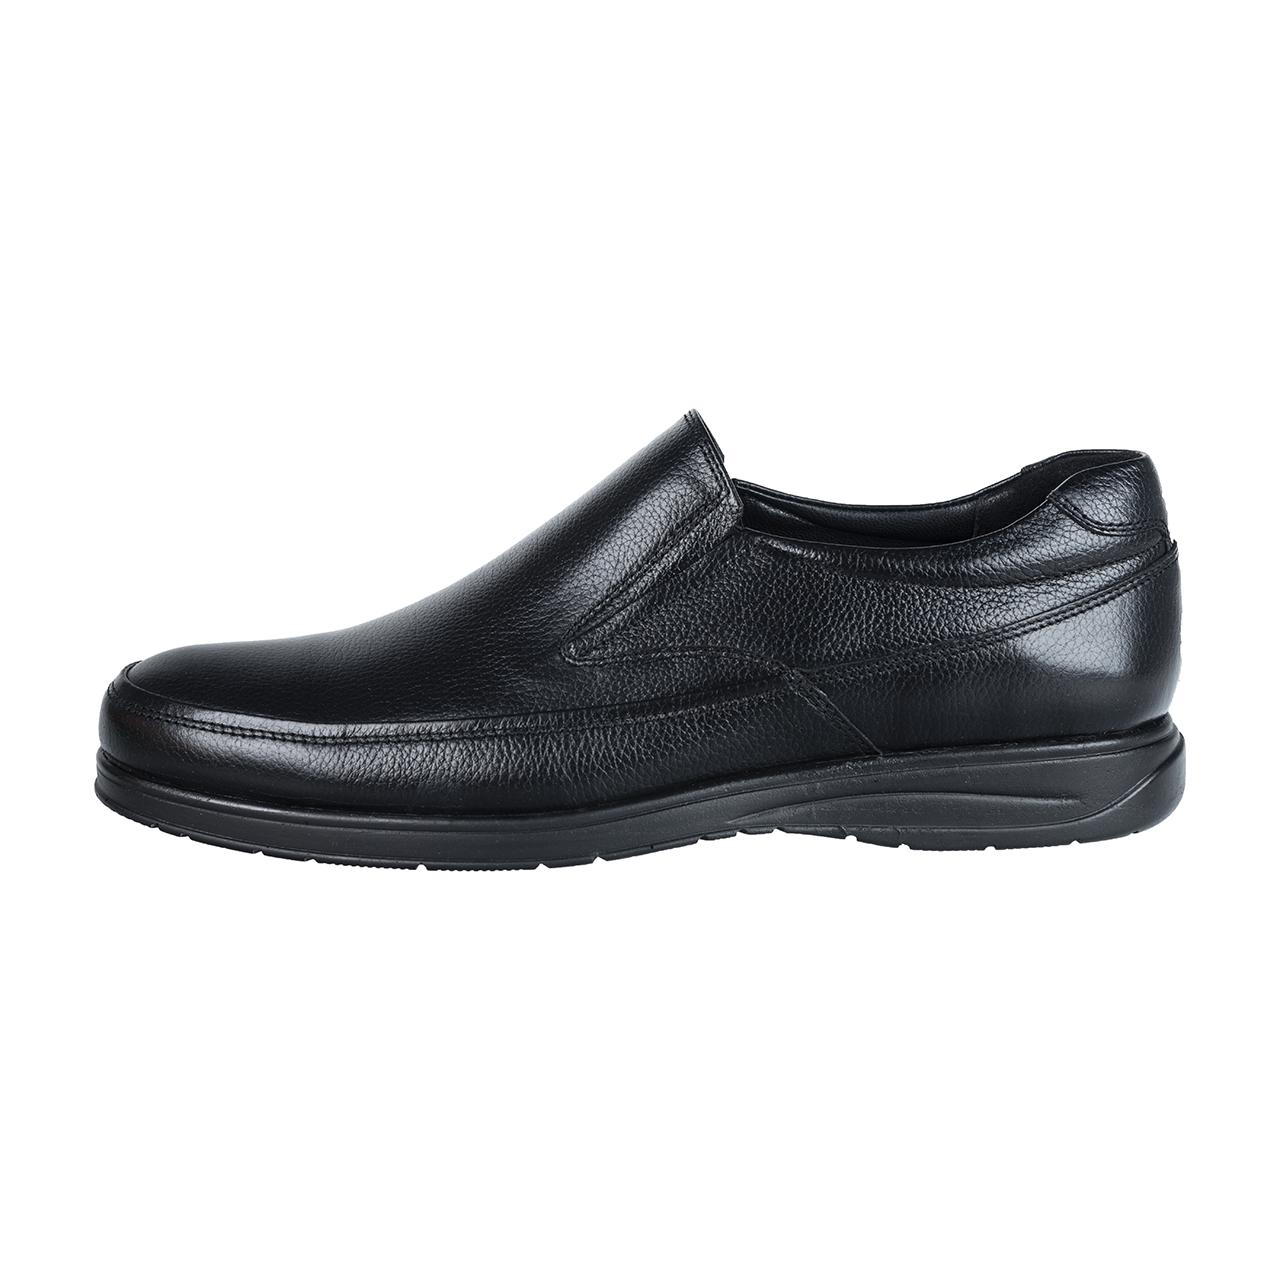 کفش مردانه گاندو مدل 1362122-99